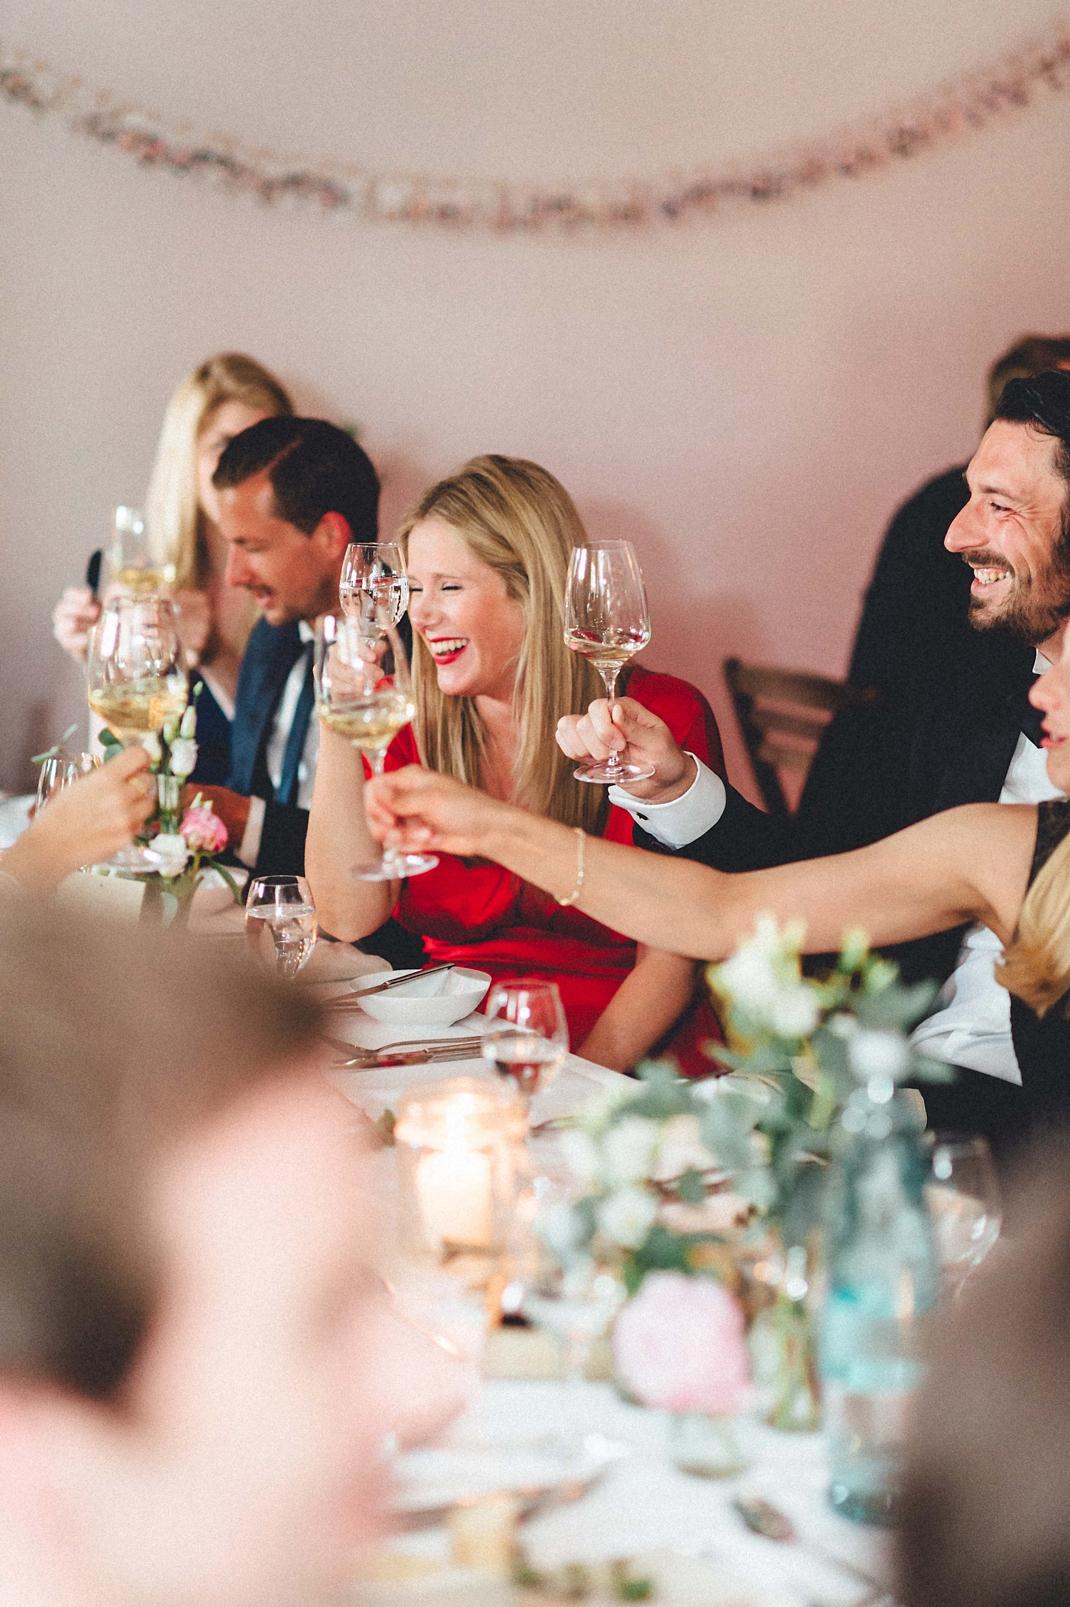 landhochzeit-heide-diy_0237 Hochzeitsfotograf Lüneburger heideChristiane & Lars Hochzeit auf dem Stimbekhof in der Lüneburgerheidelandhochzeit heide diy 0237